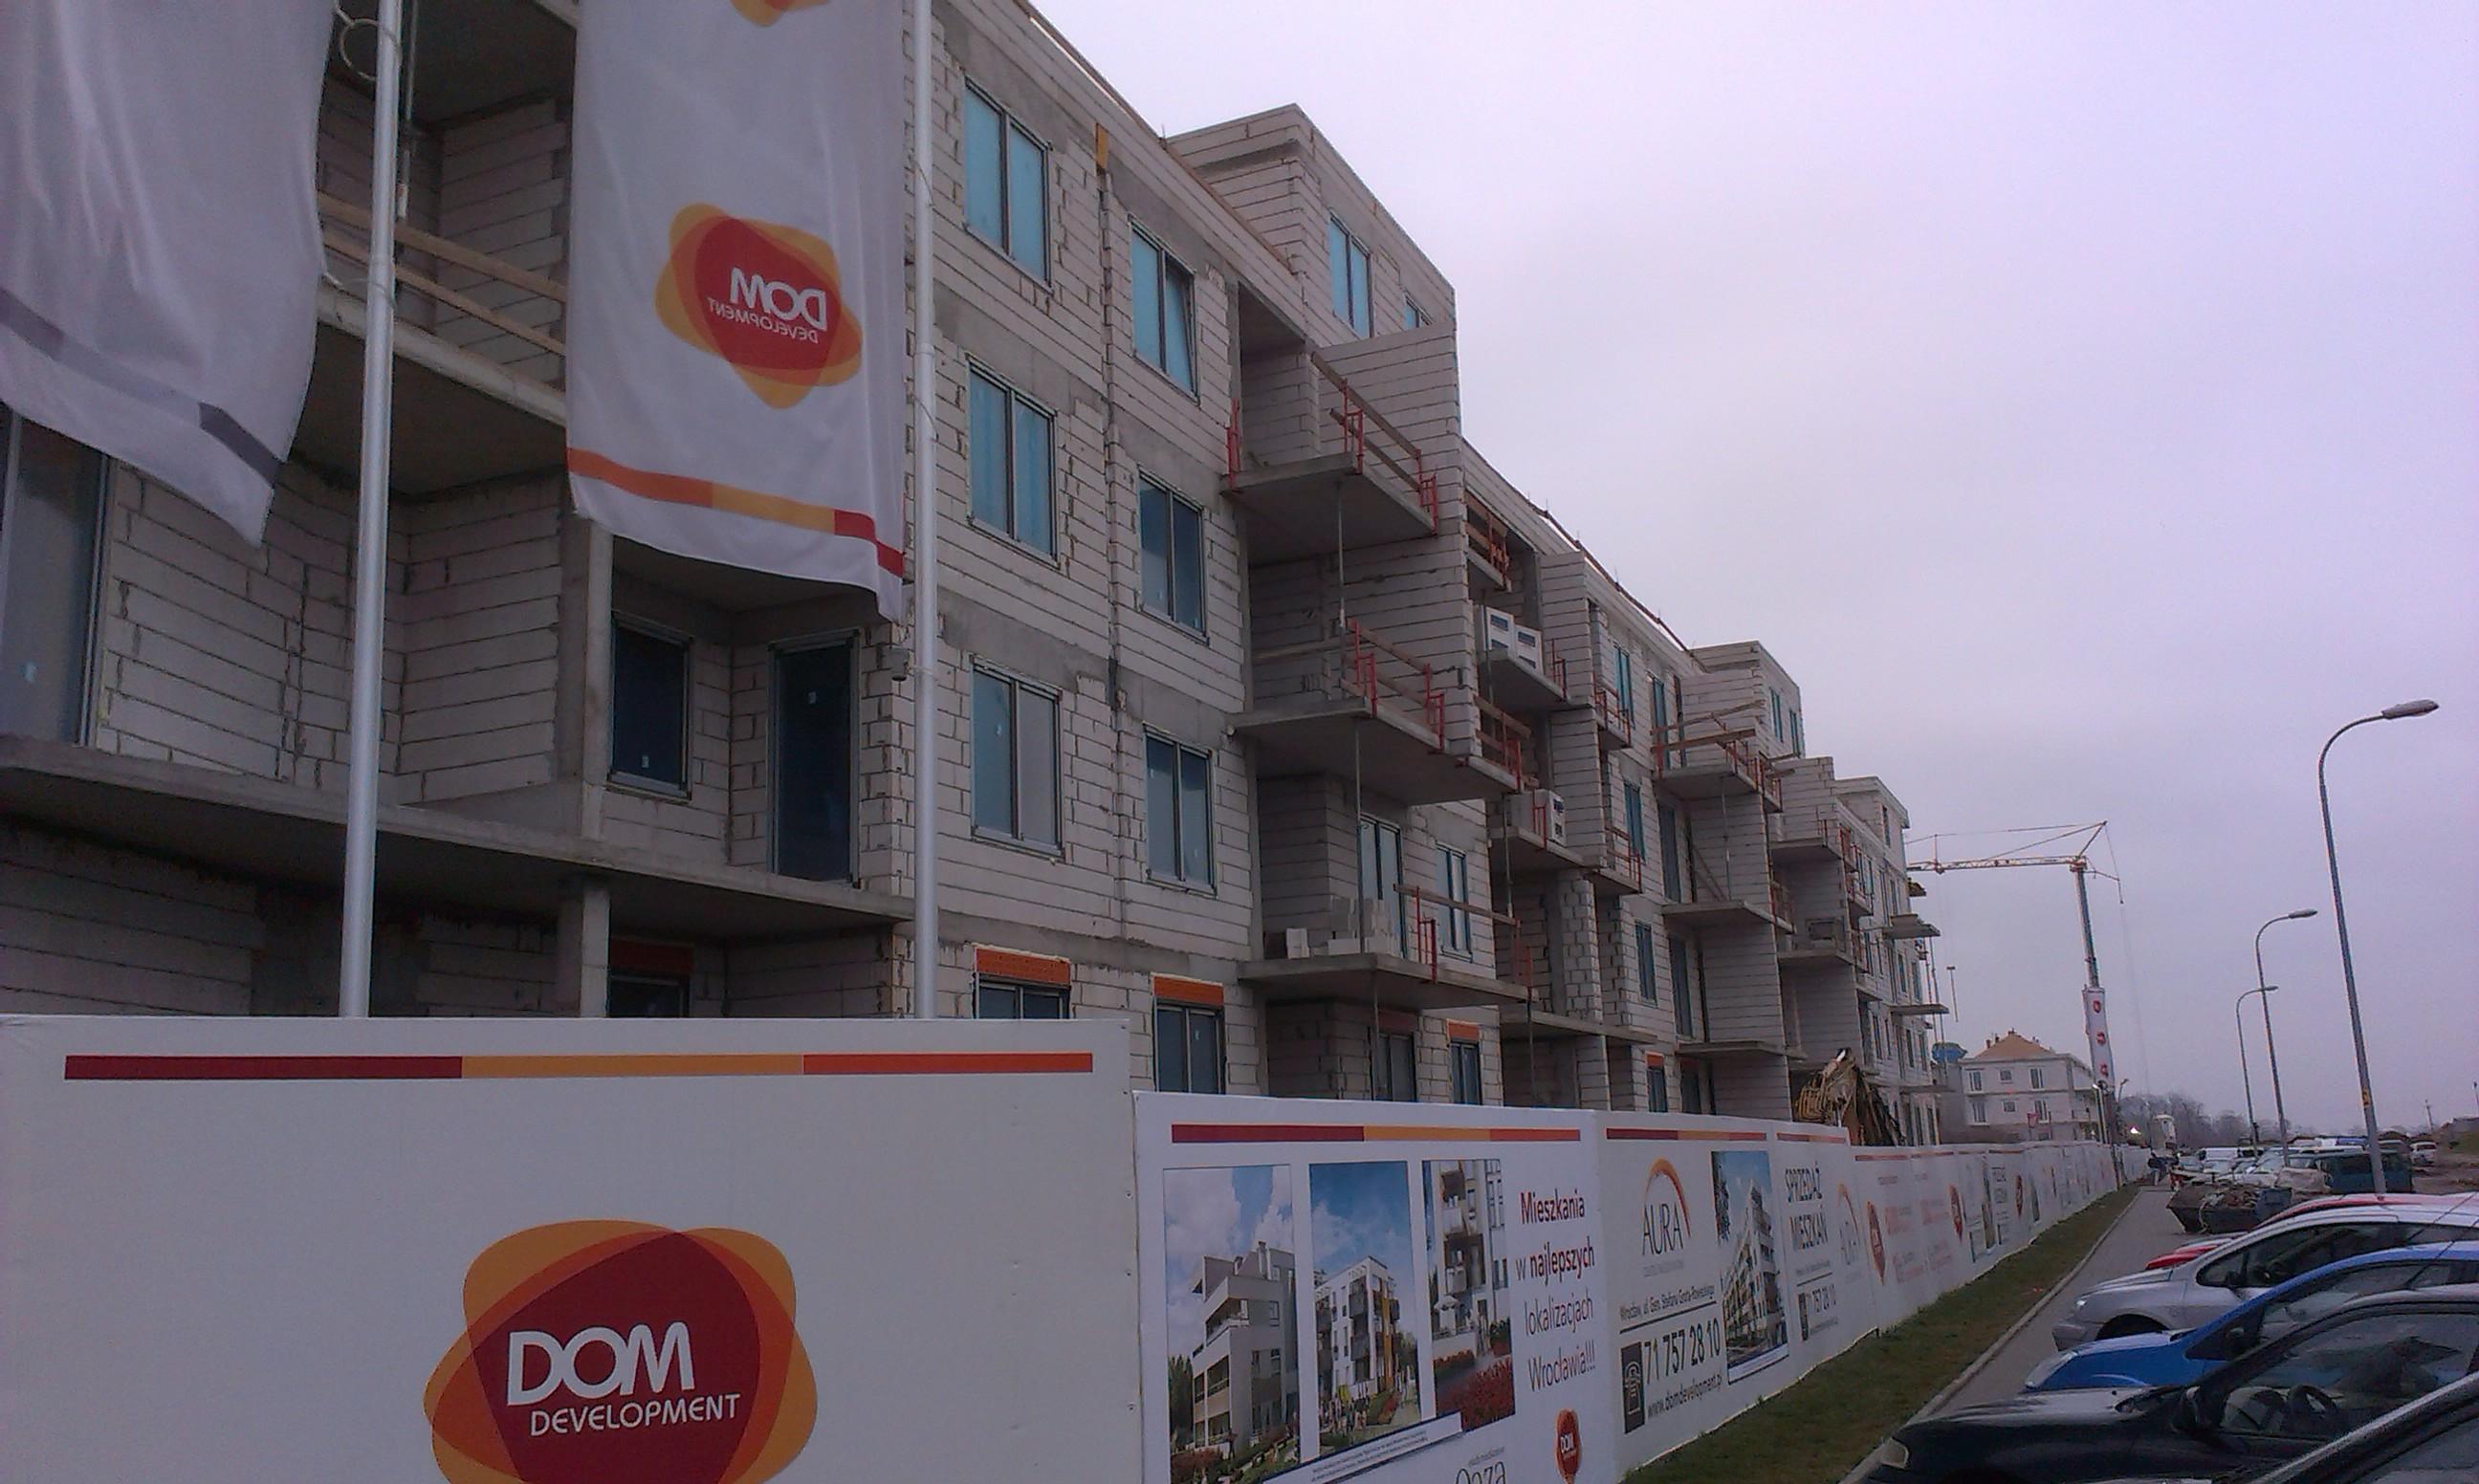 Aura inwestycja Dom Development na Wojszycach